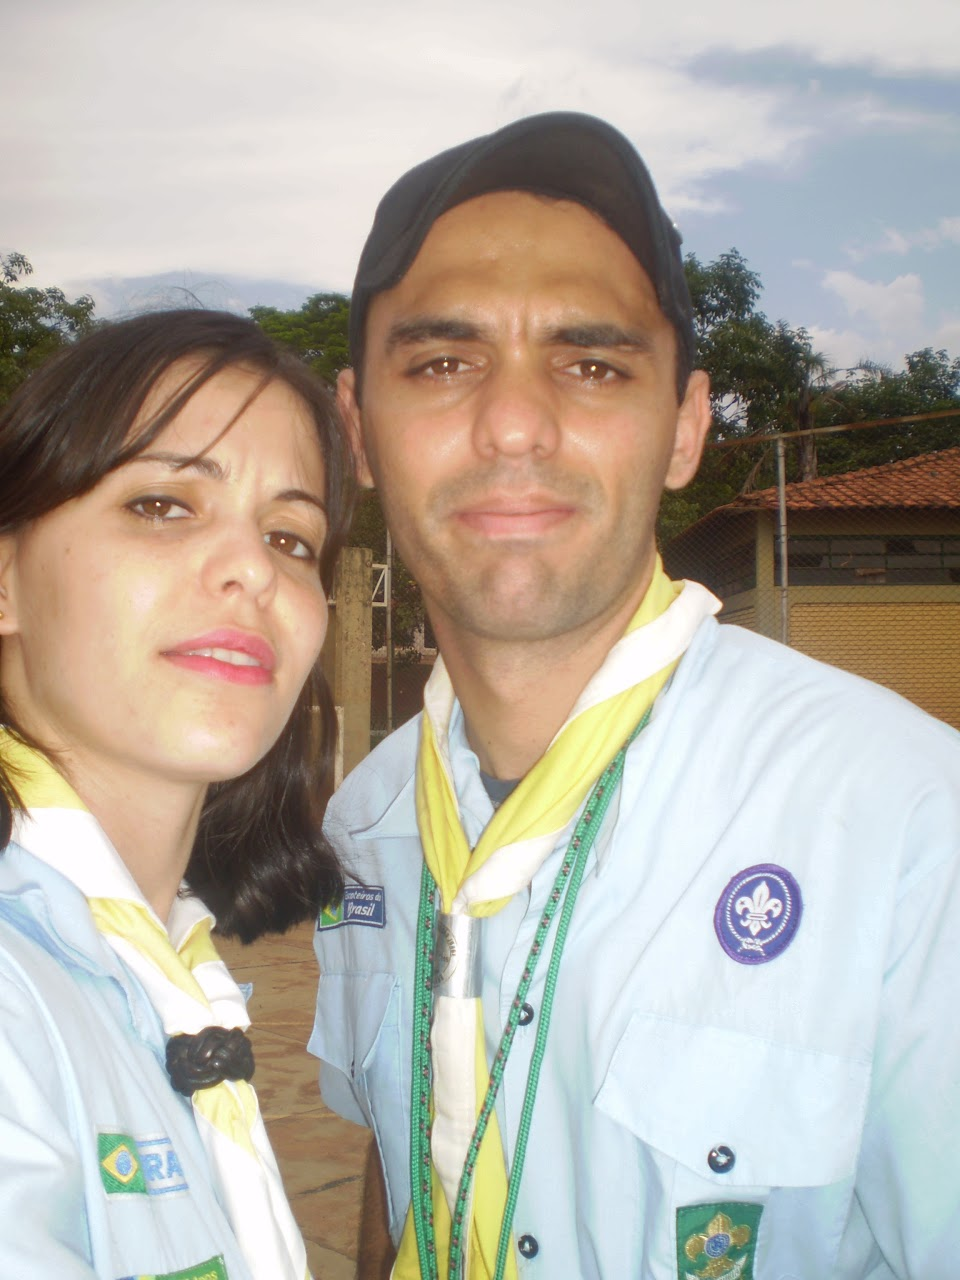 Atividades diversas de 2010 Parque Antenor Martins - Um pouco de tudo!!! - atvd-grupo-12-11-2010 009.JPG